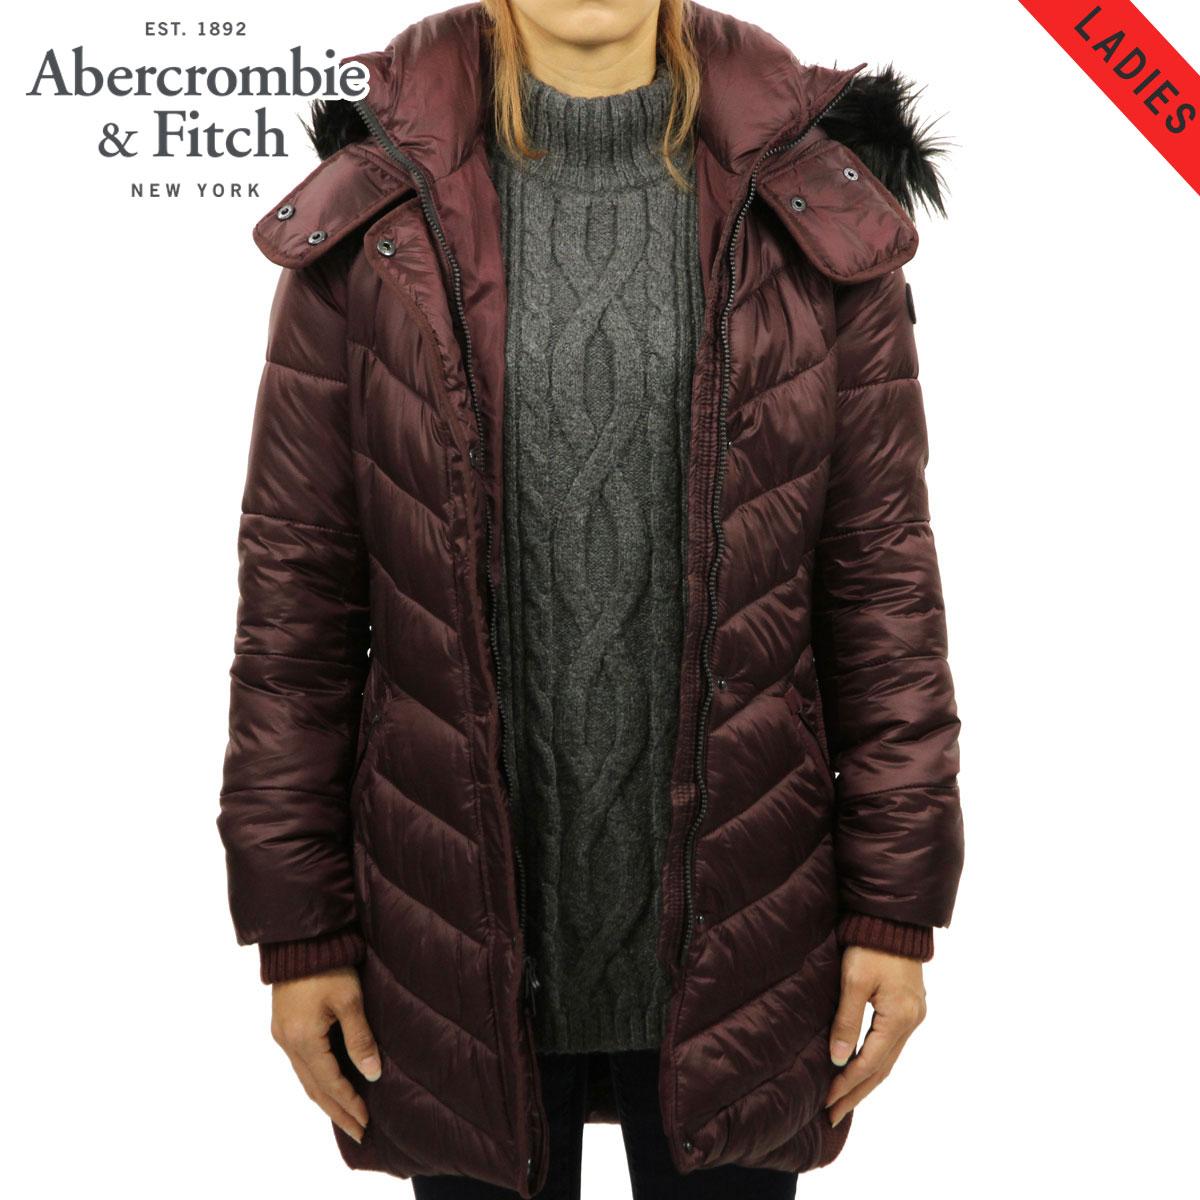 アバクロ Abercrombie&Fitch 正規品 レディース アウター QUILTED NYLON PARKA 144-442-0503-500:MIXON